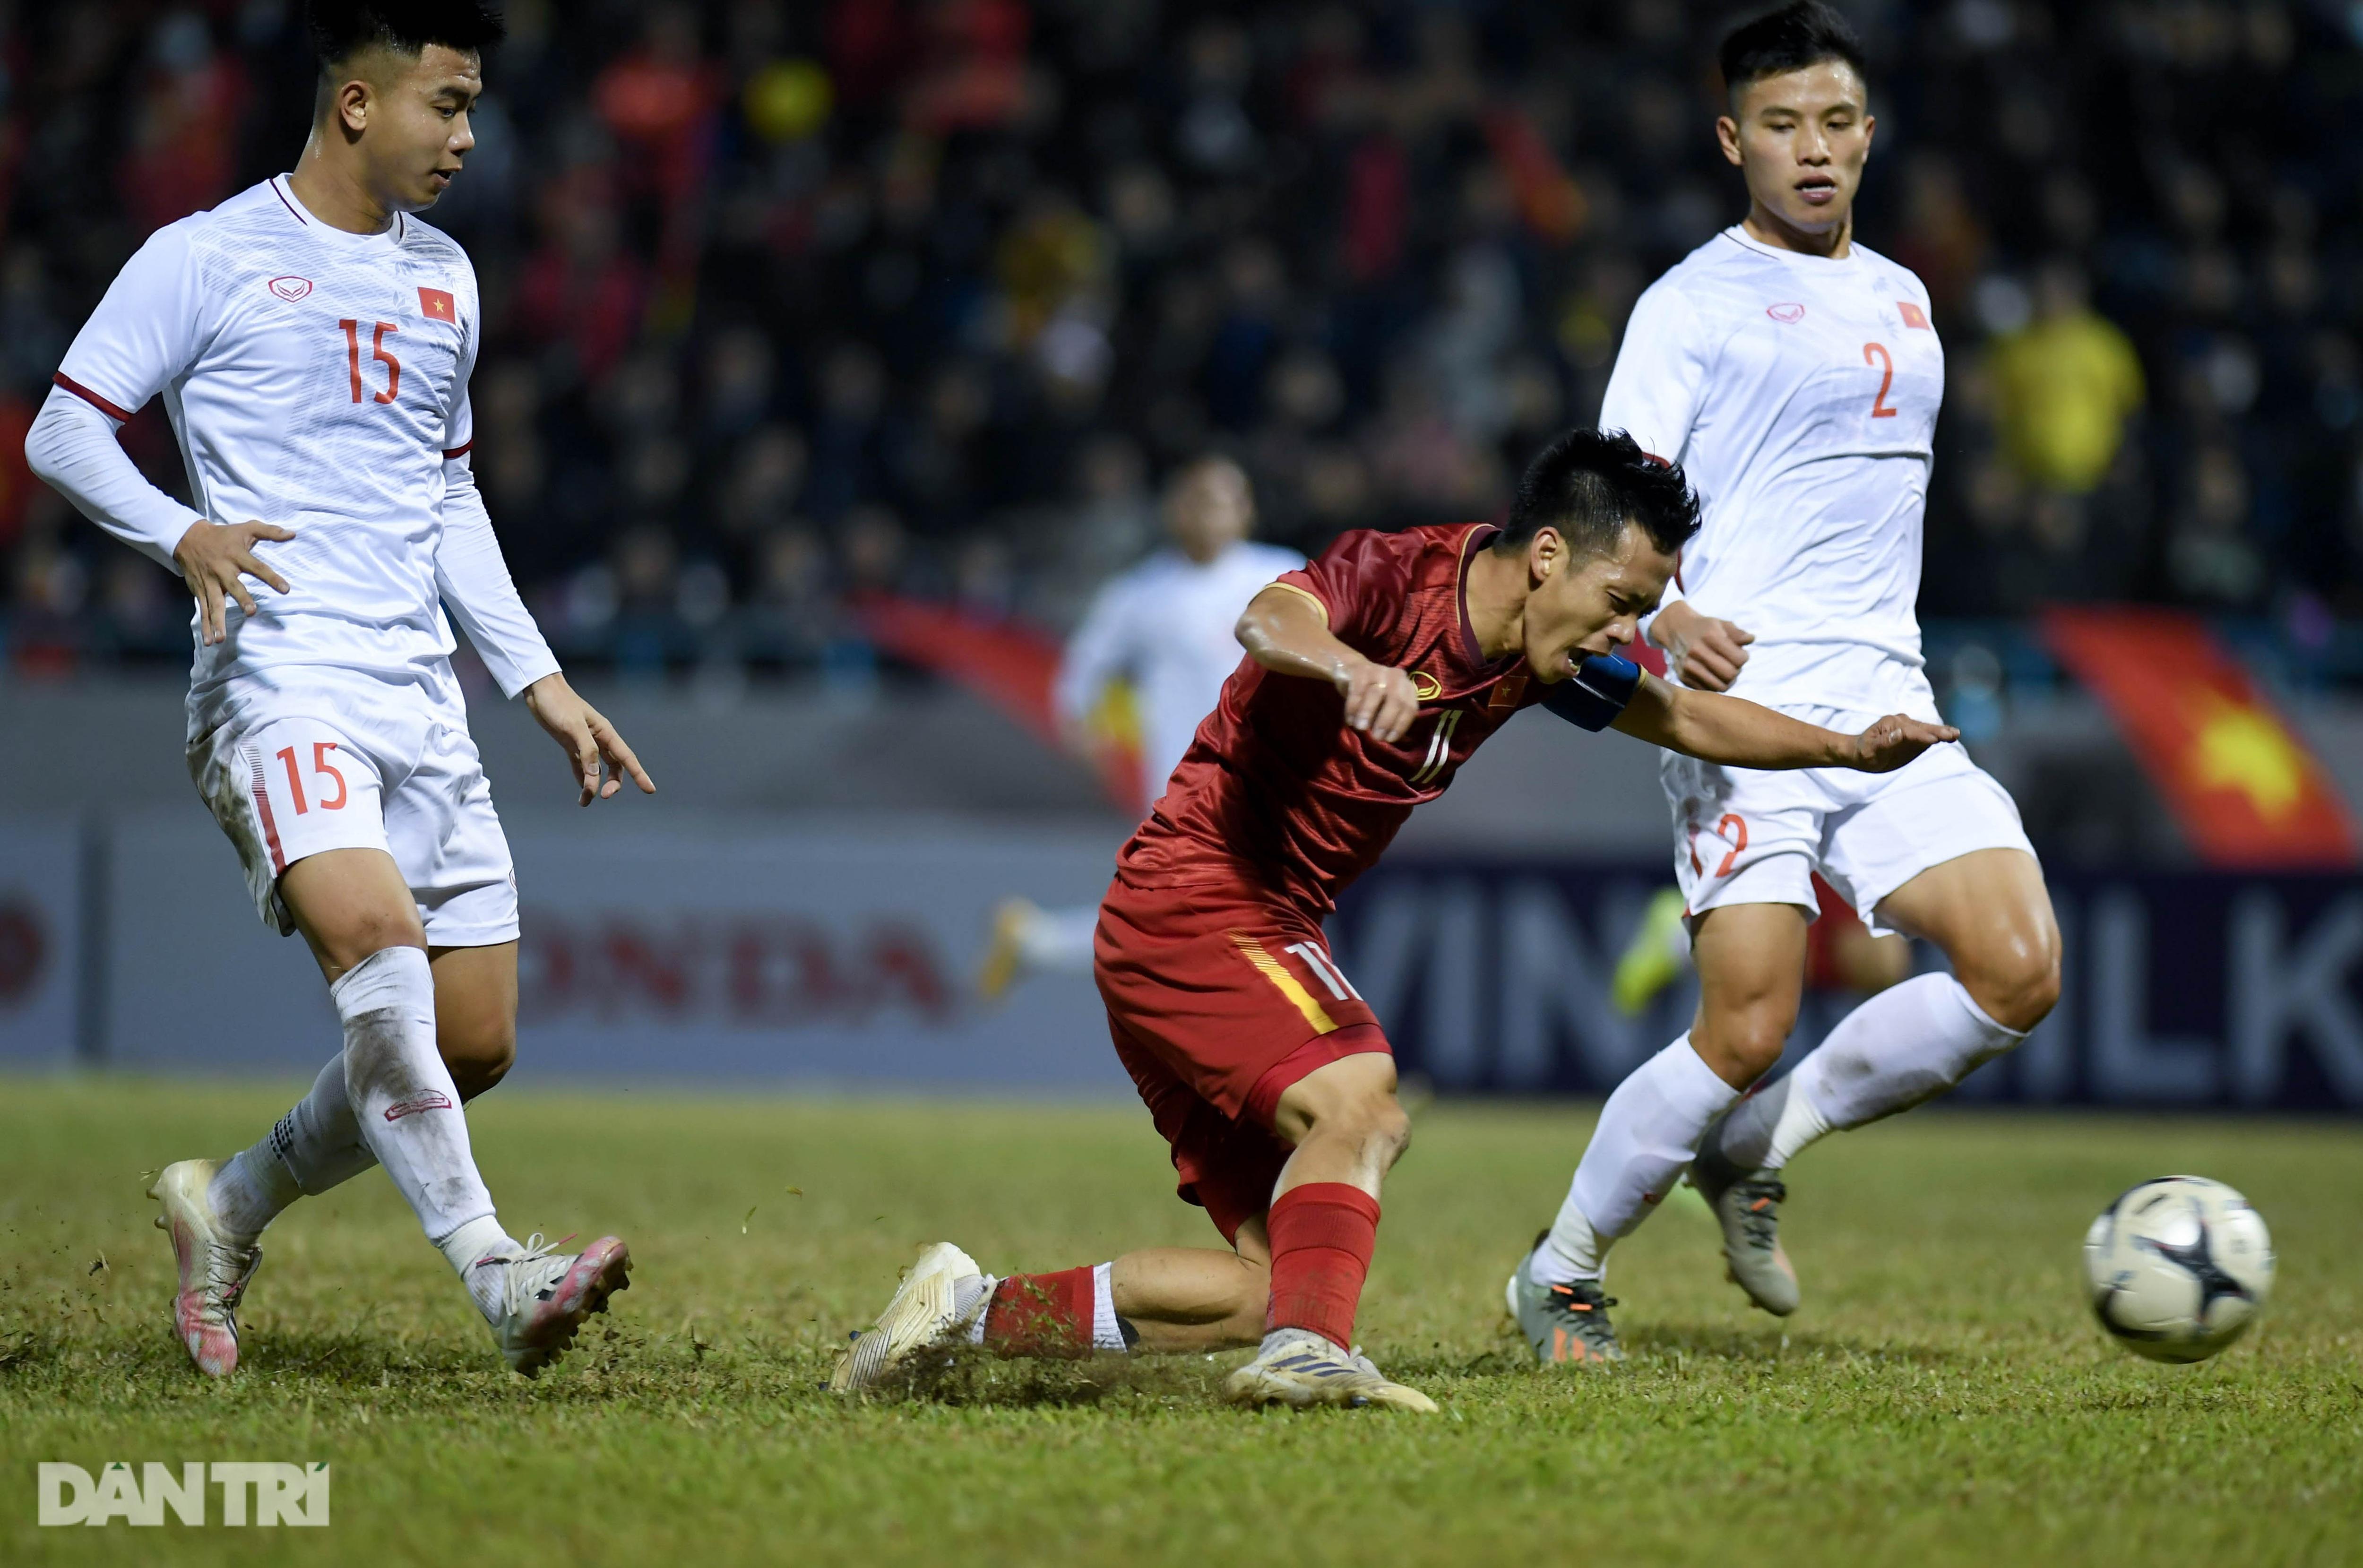 Văn Quyết ghi điểm trong chiến thắng của tuyển Việt Nam trước đàn em U22 - 12